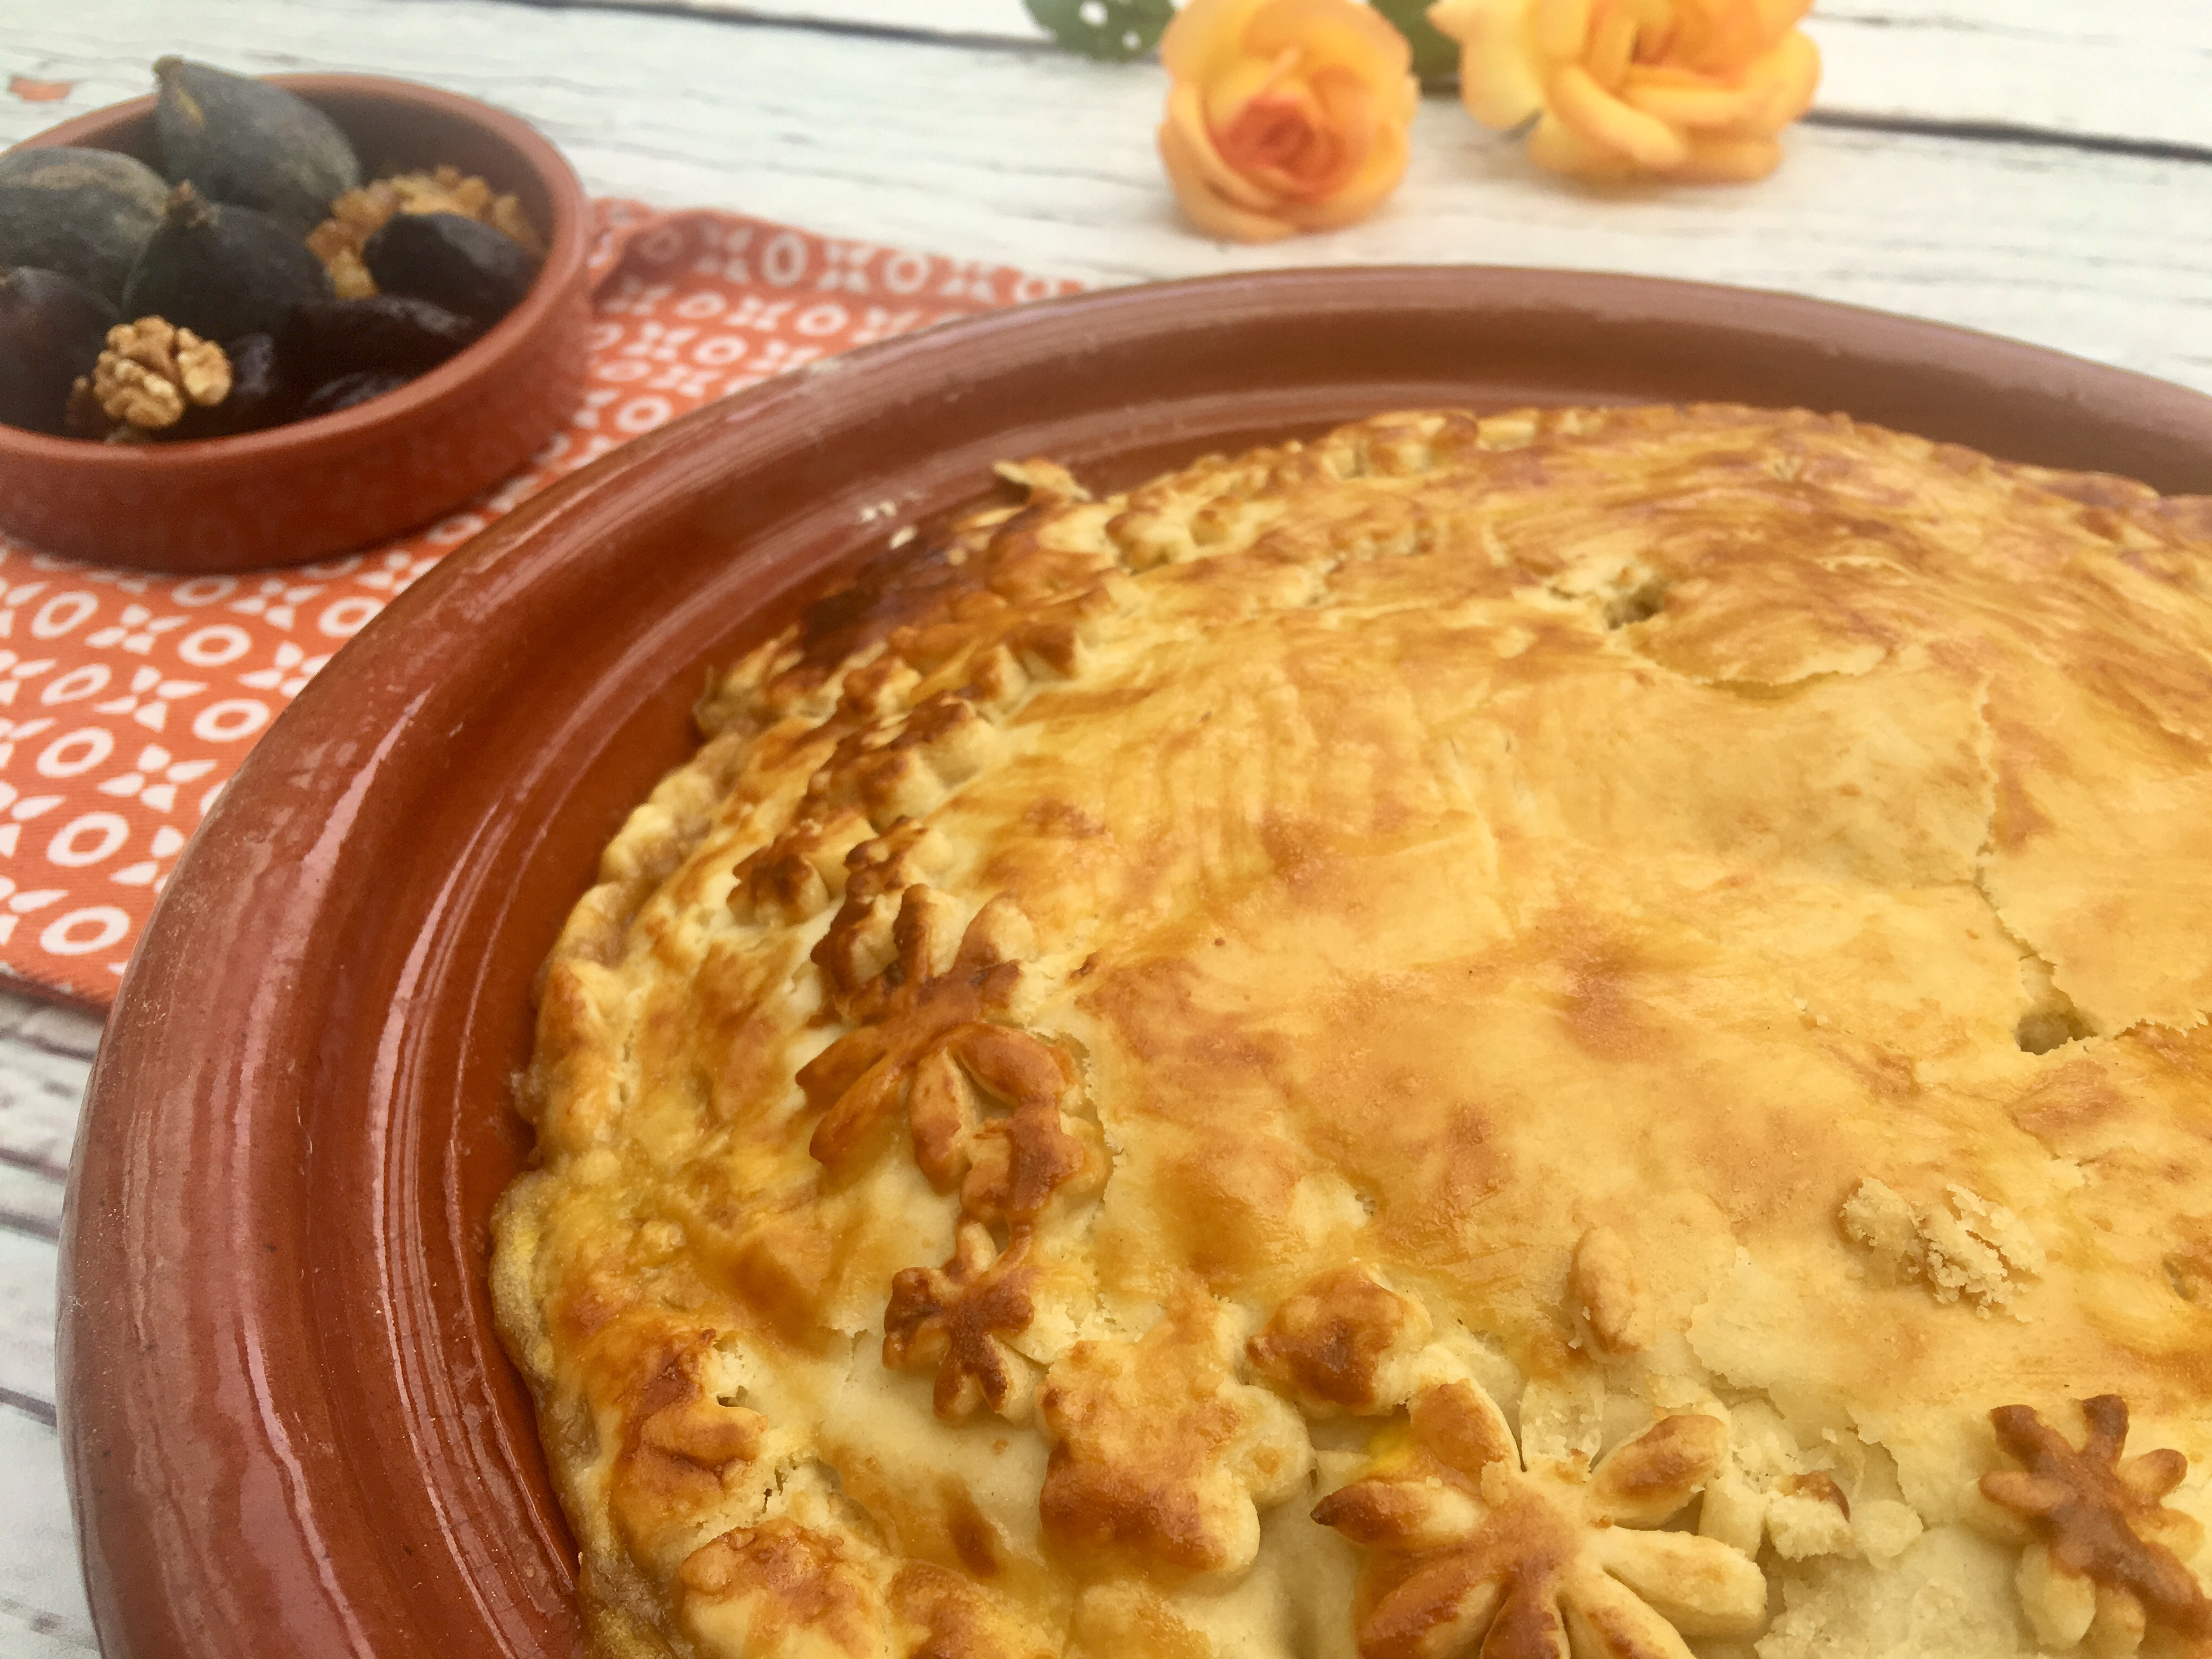 Populaire Recettes cuisine | France | Fil & Croq SJ43